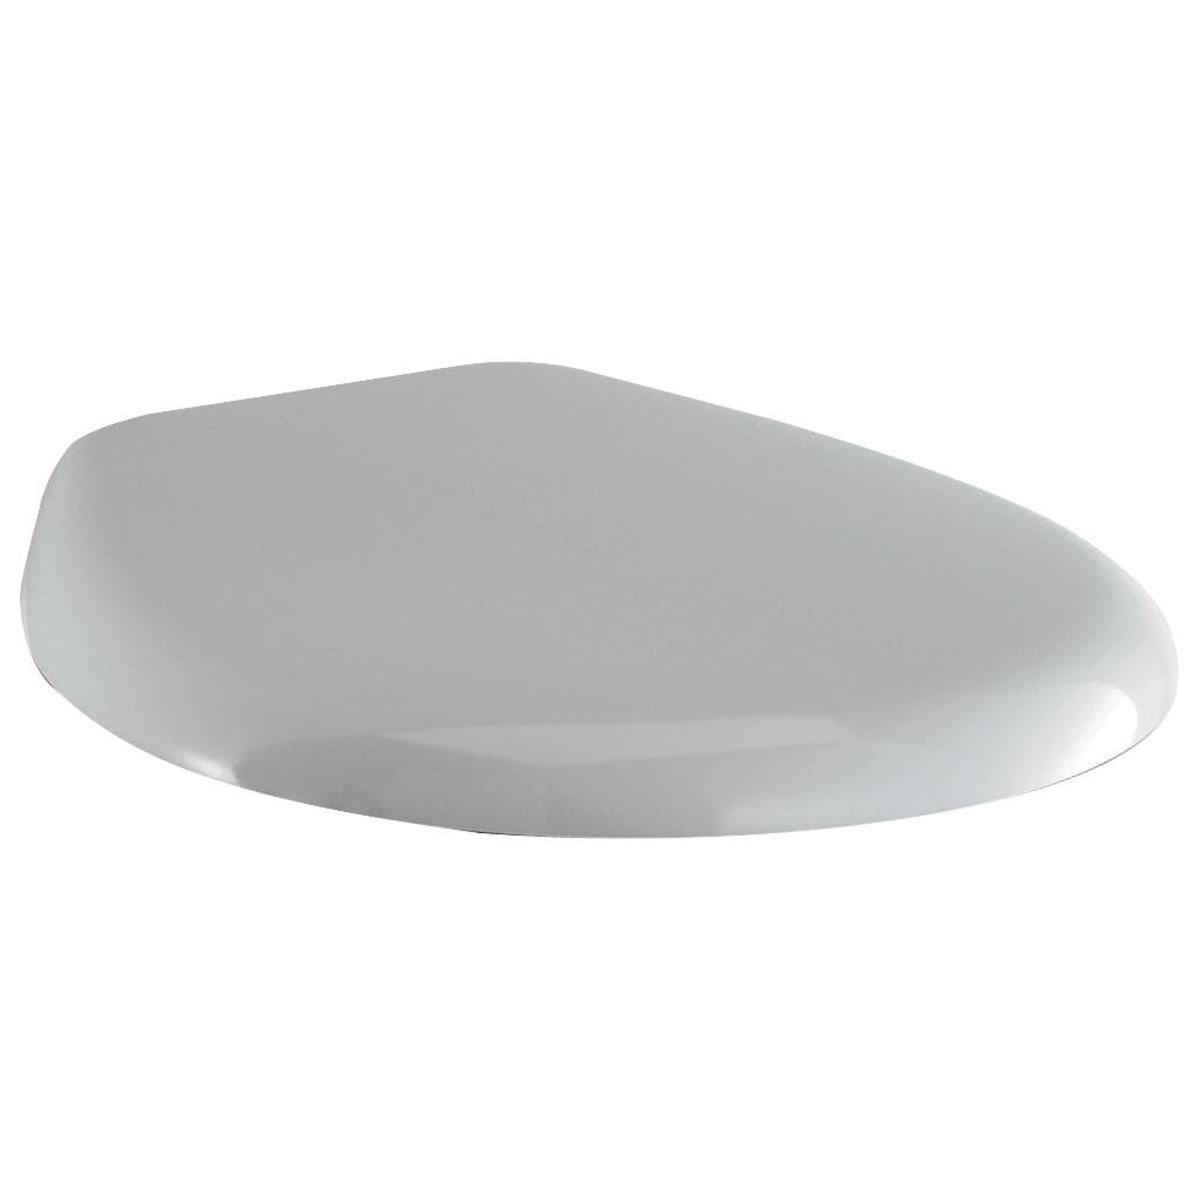 Wc doska Ideal Standard Small+ z duroplastu v bielej farbe T638401